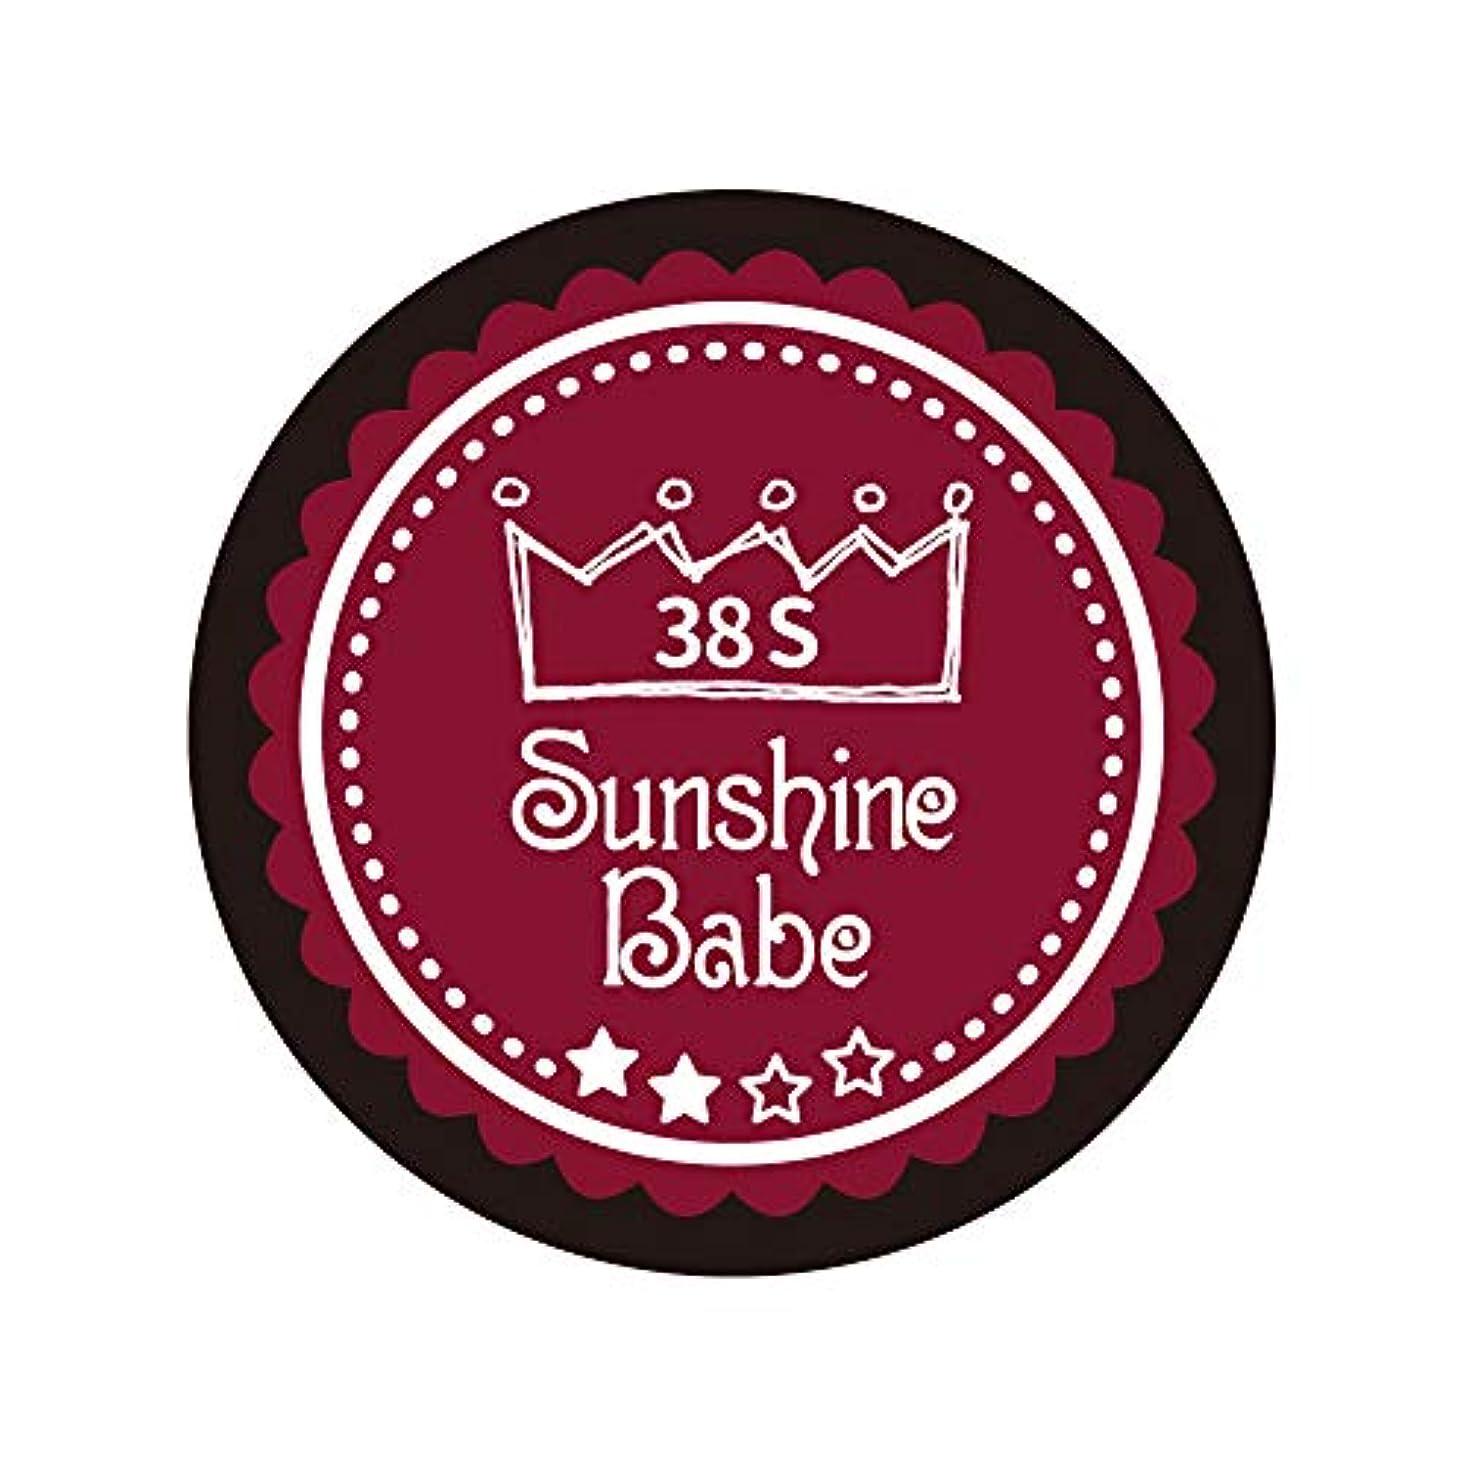 野望ベックス補償Sunshine Babe カラージェル 38S レッドペア 2.7g UV/LED対応